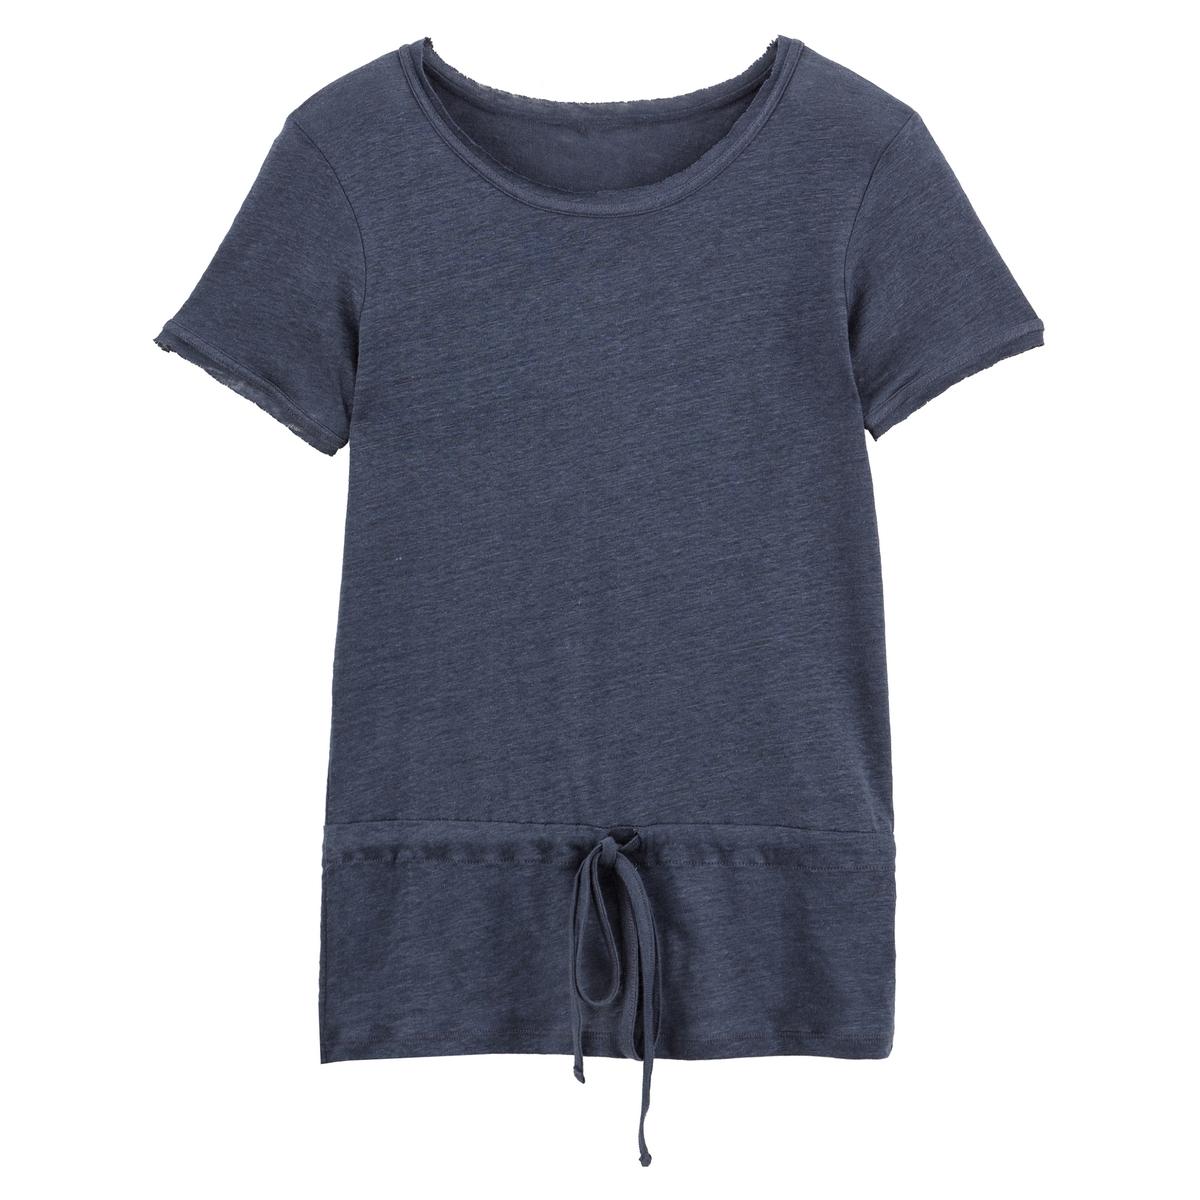 T-shirt em linho, gola redonda para atar